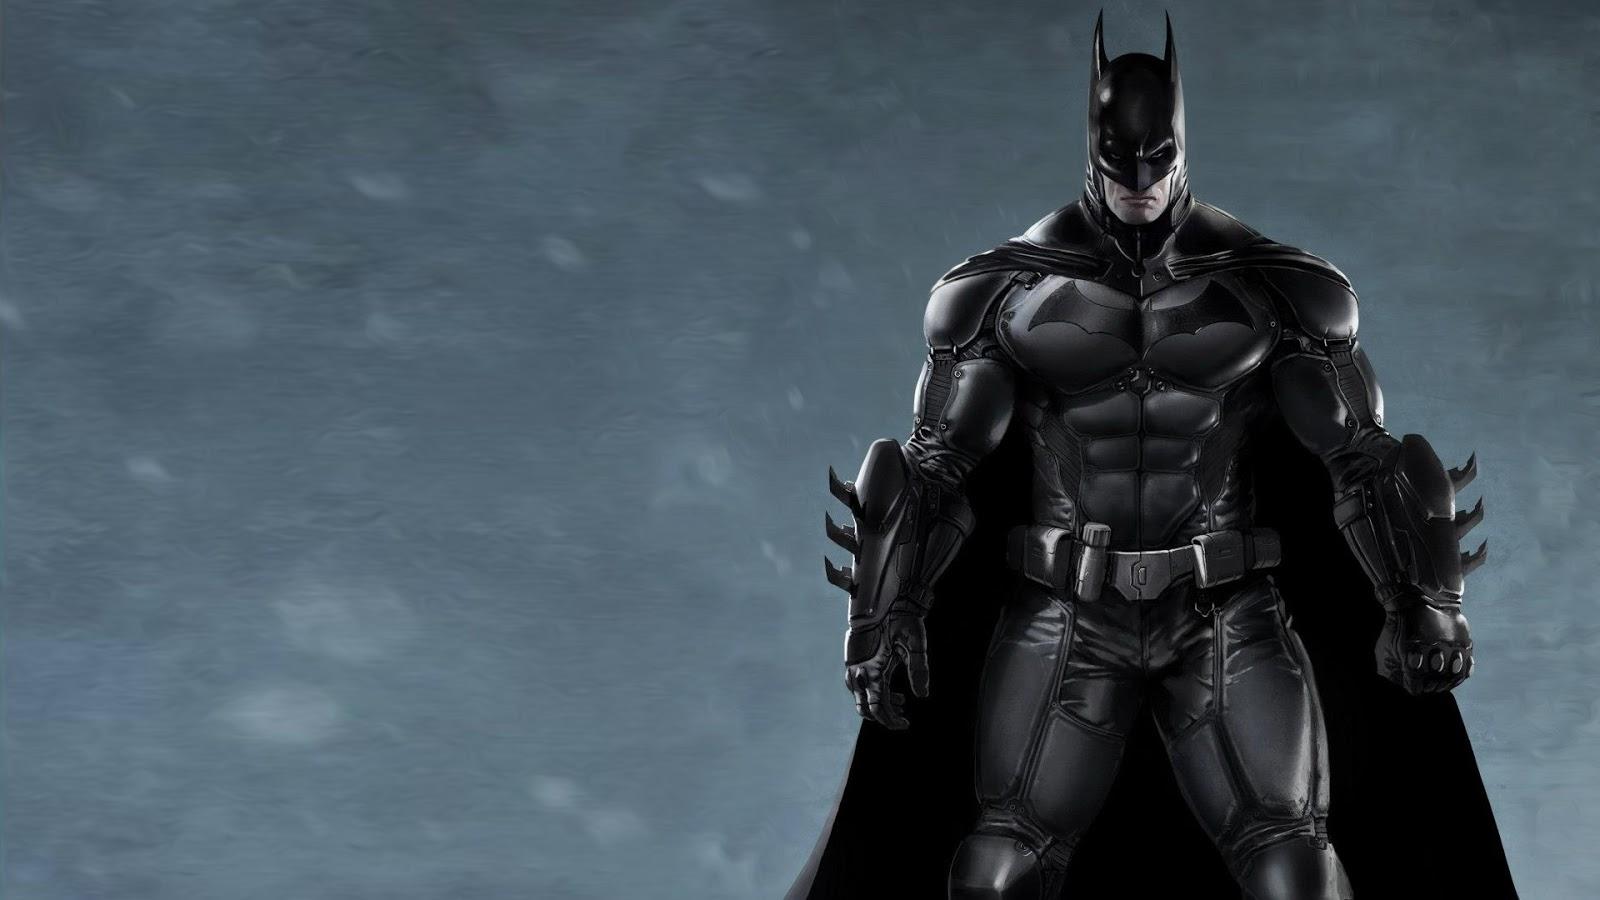 Batman Arkham Origins Wallpaper 1600x900